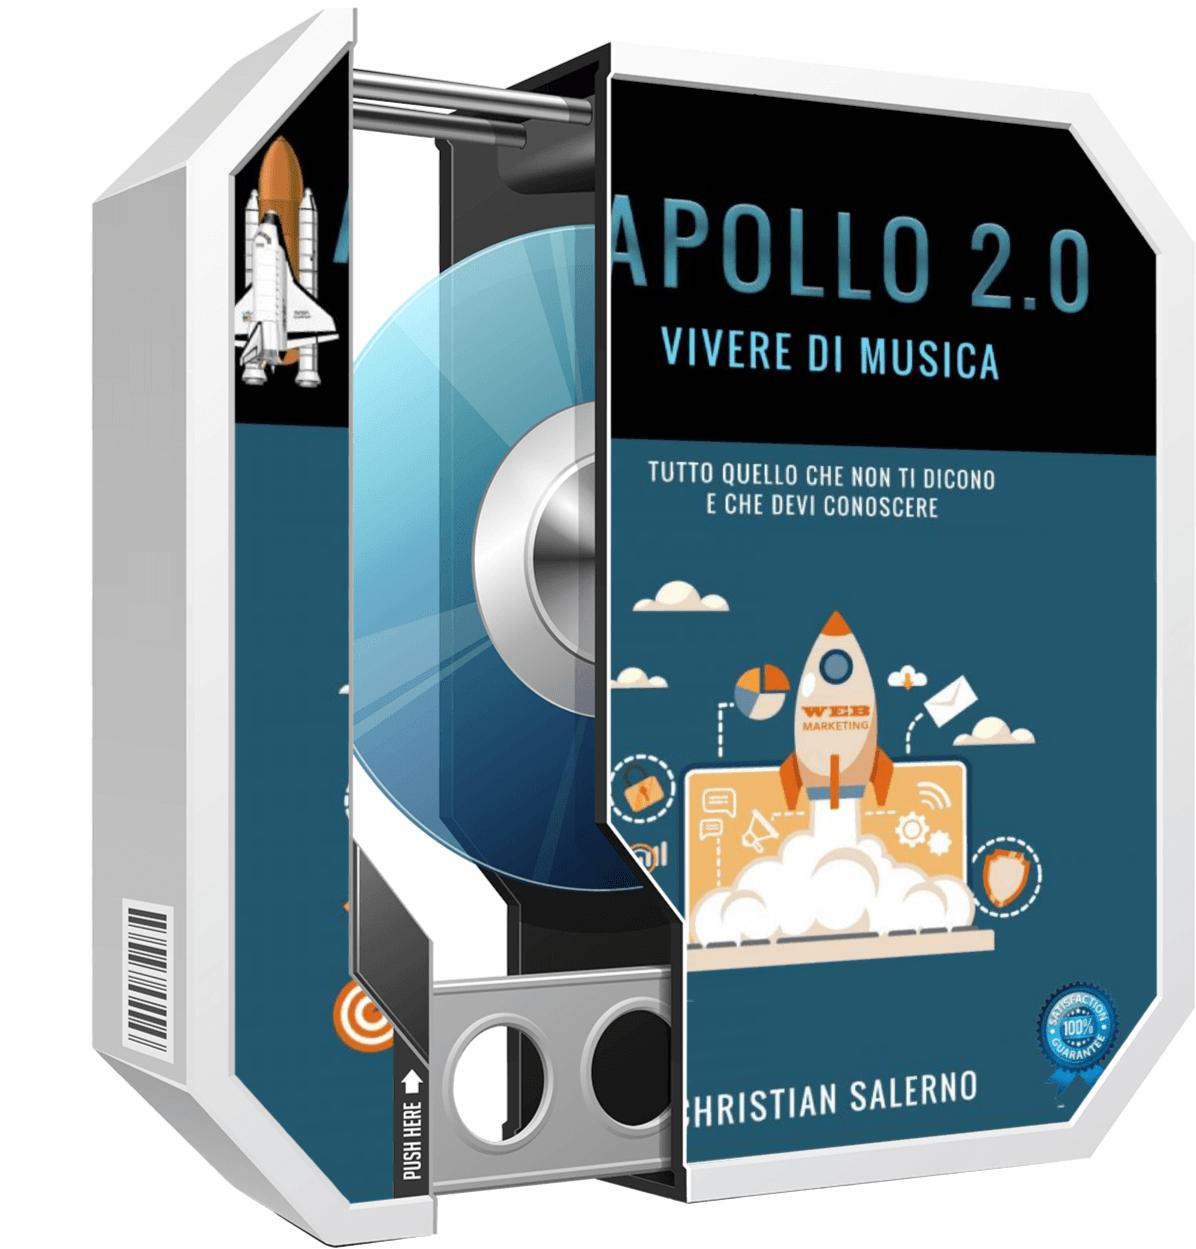 Apollo 2.0 – Vivere Di Musica